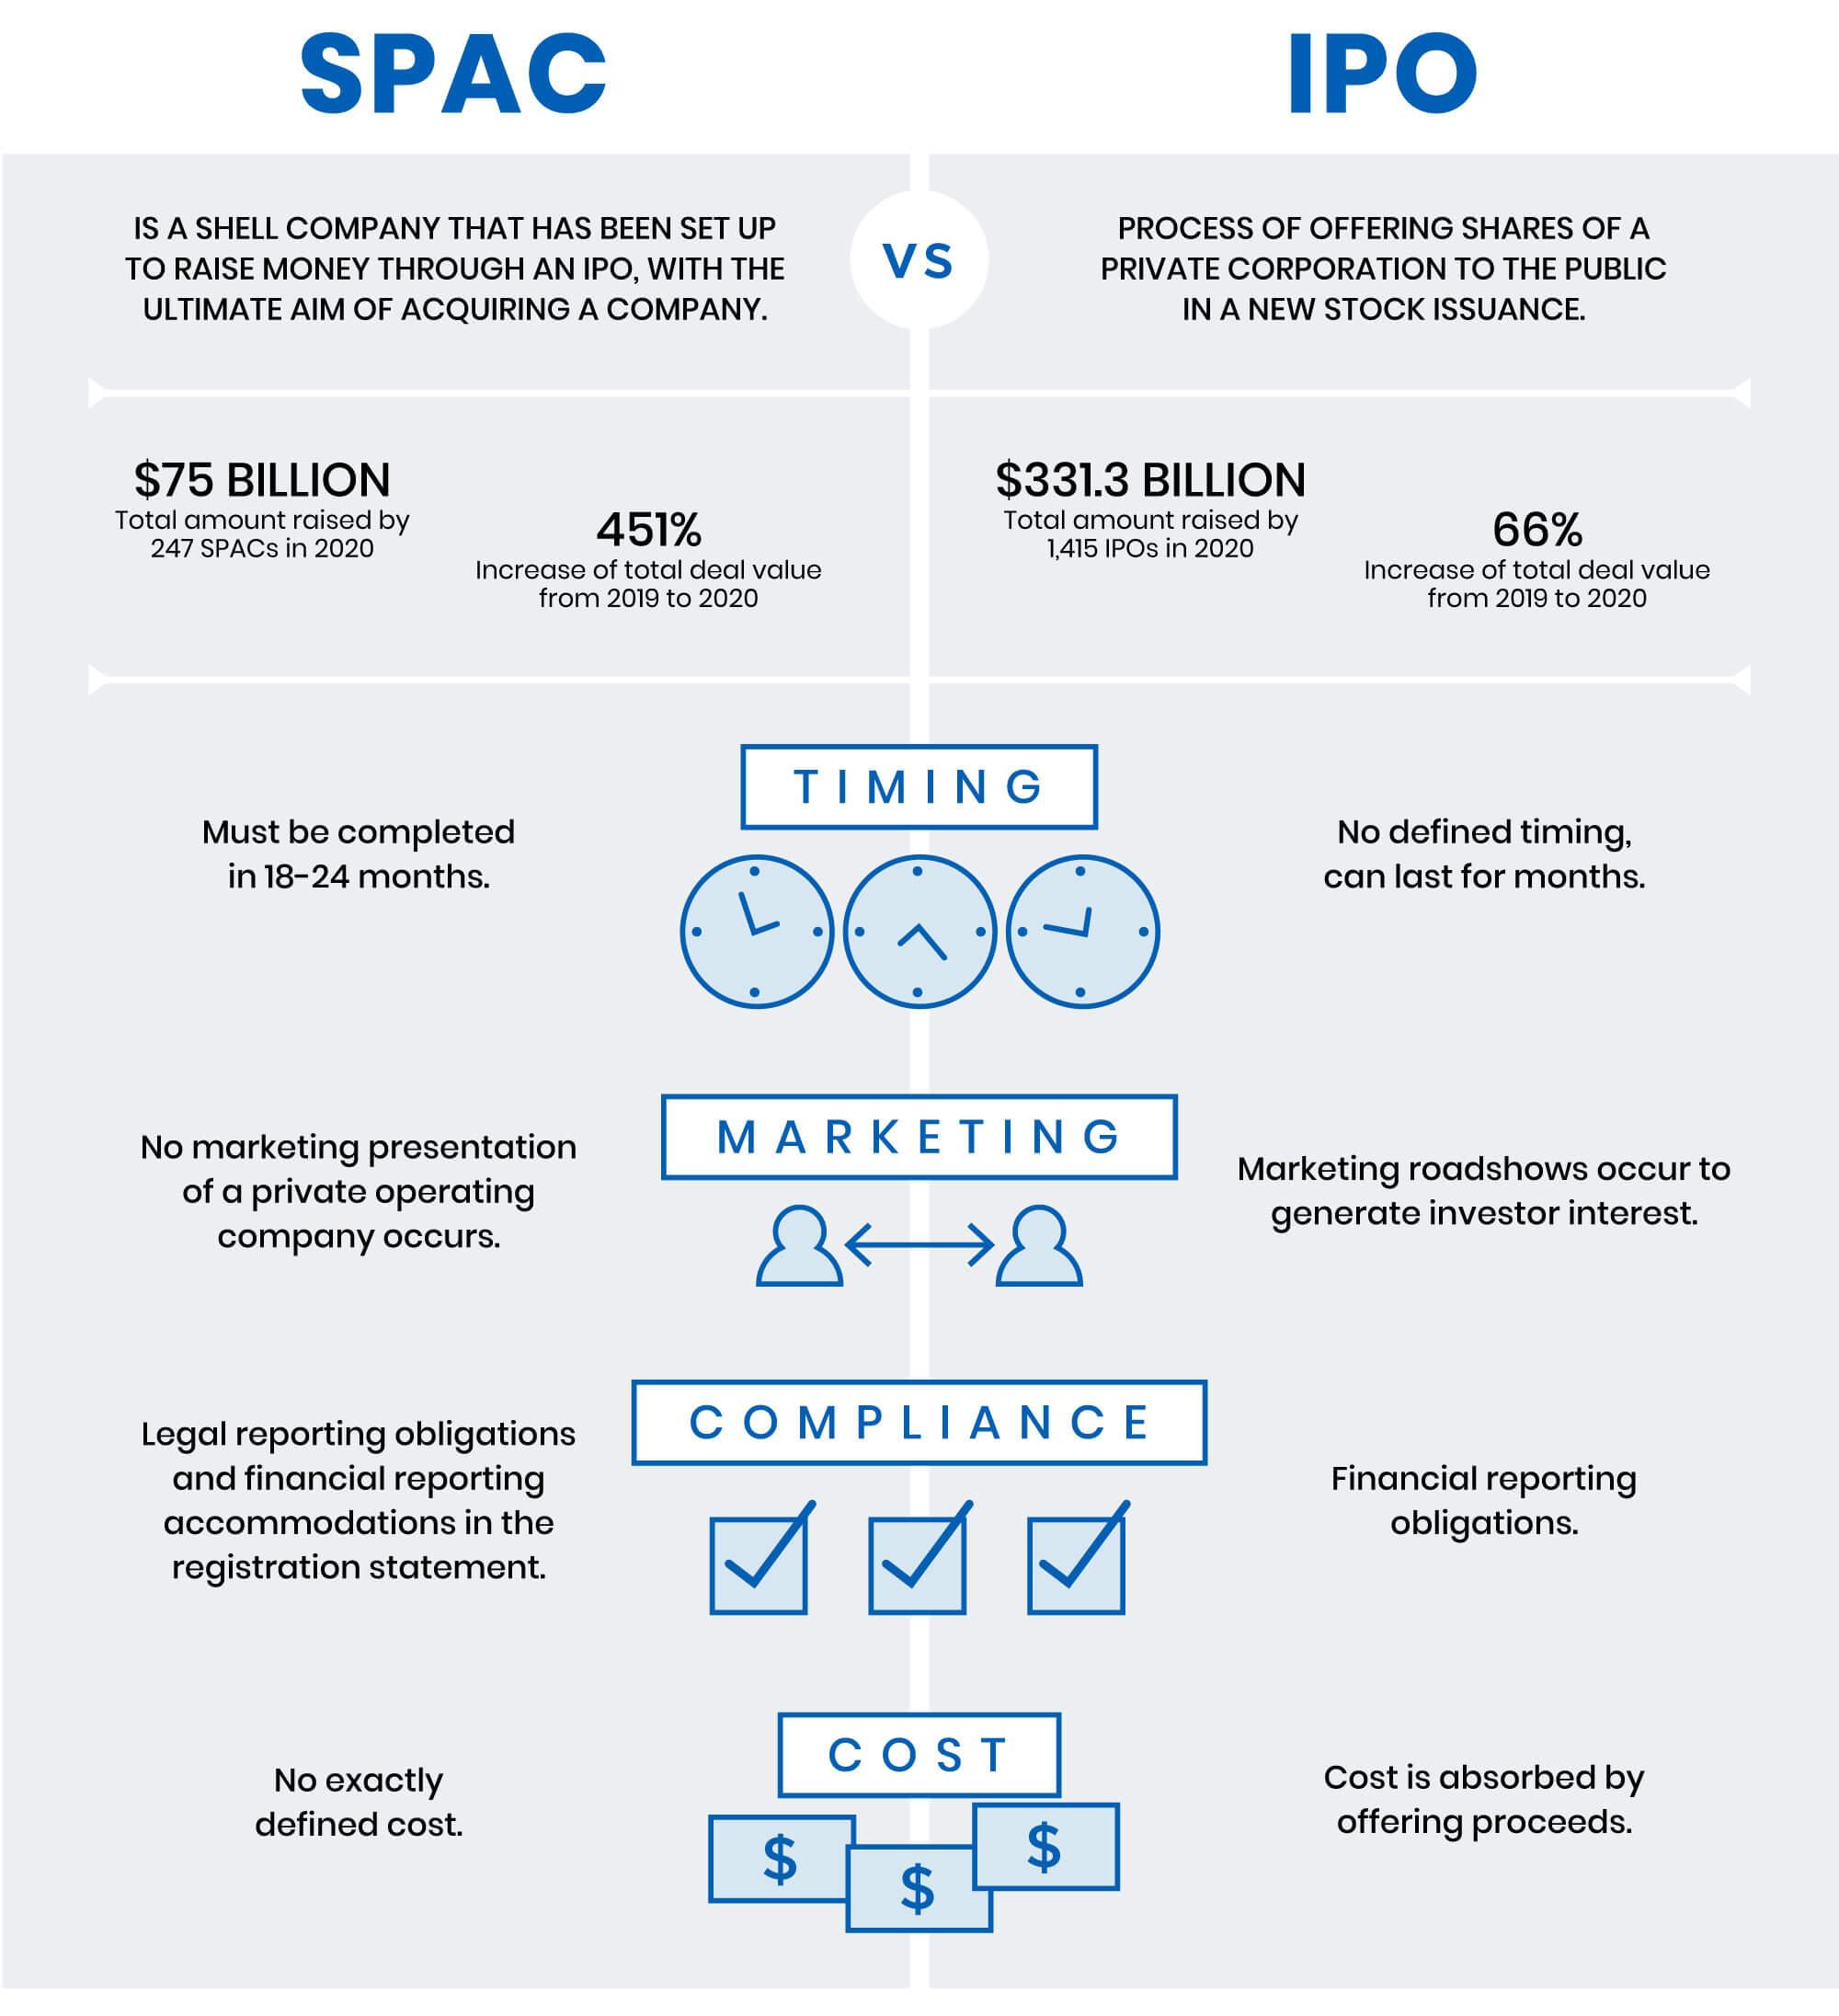 SPAC vs IPO comparison